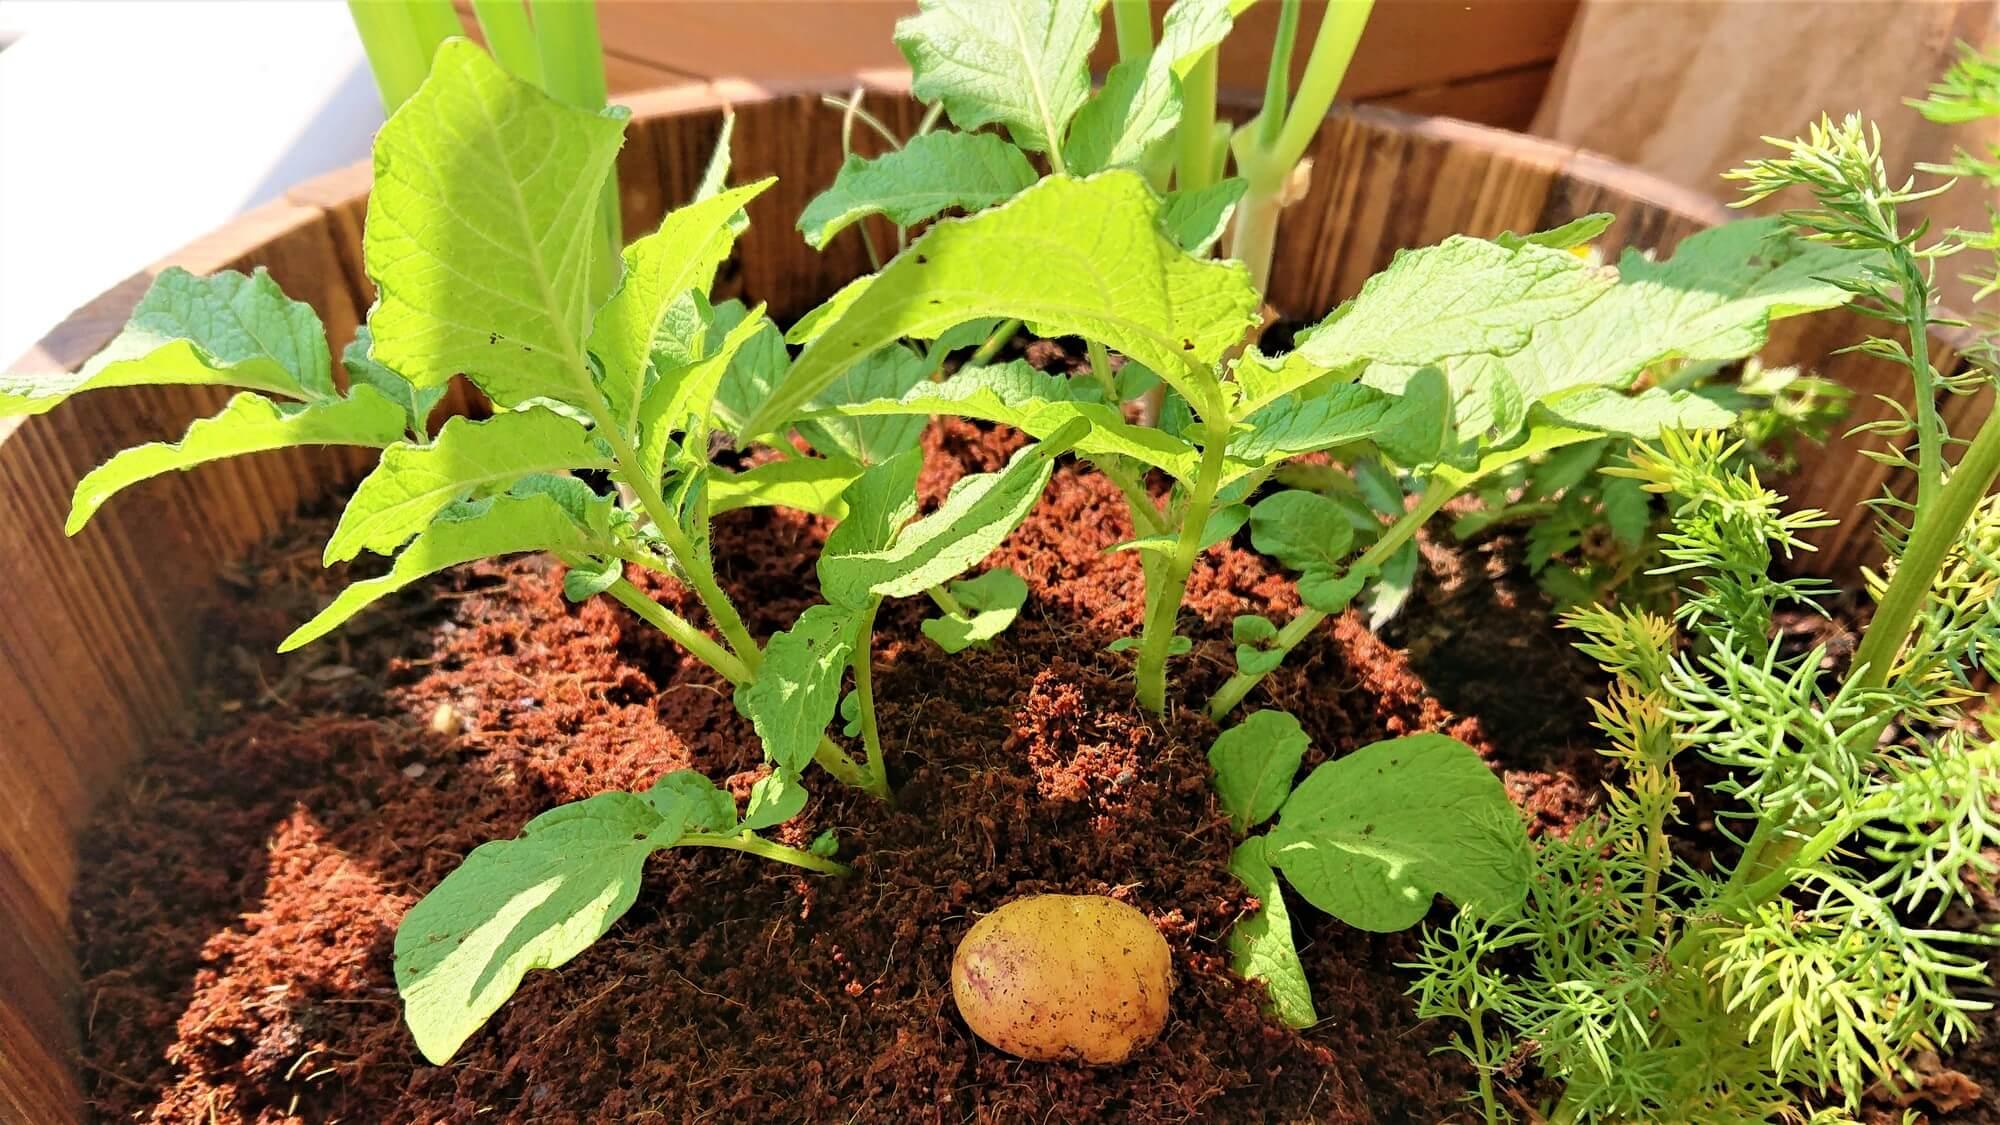 ジャガイモの芽カキ